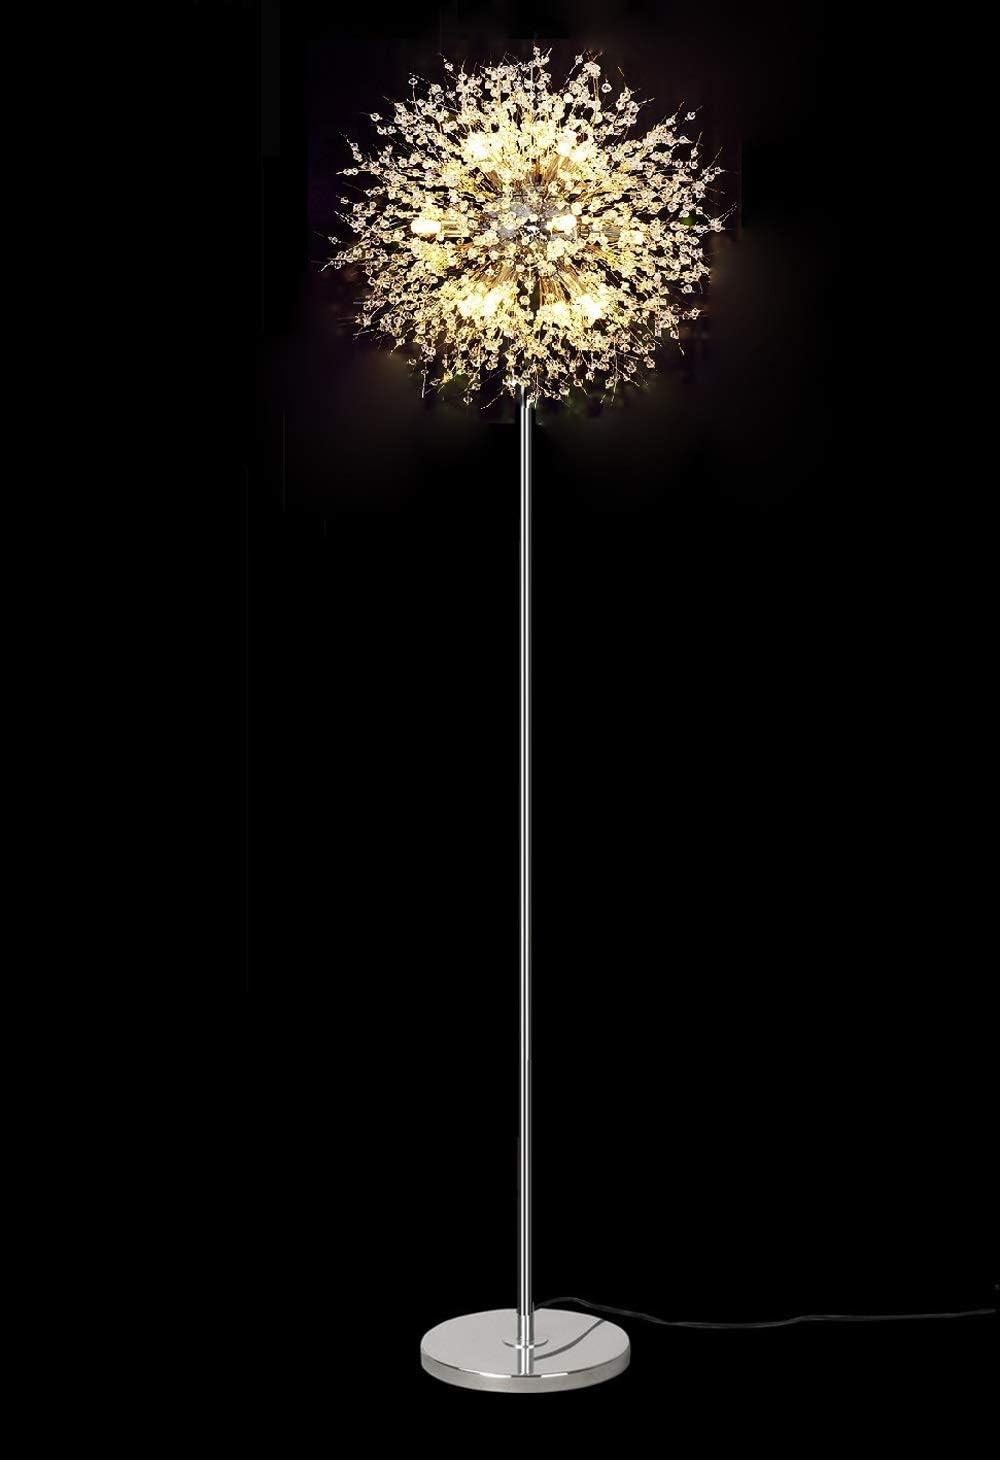 Dellemade TD00911 Sputnik Chandelier Floor Lamp Fireworks Silver Floor Lamp